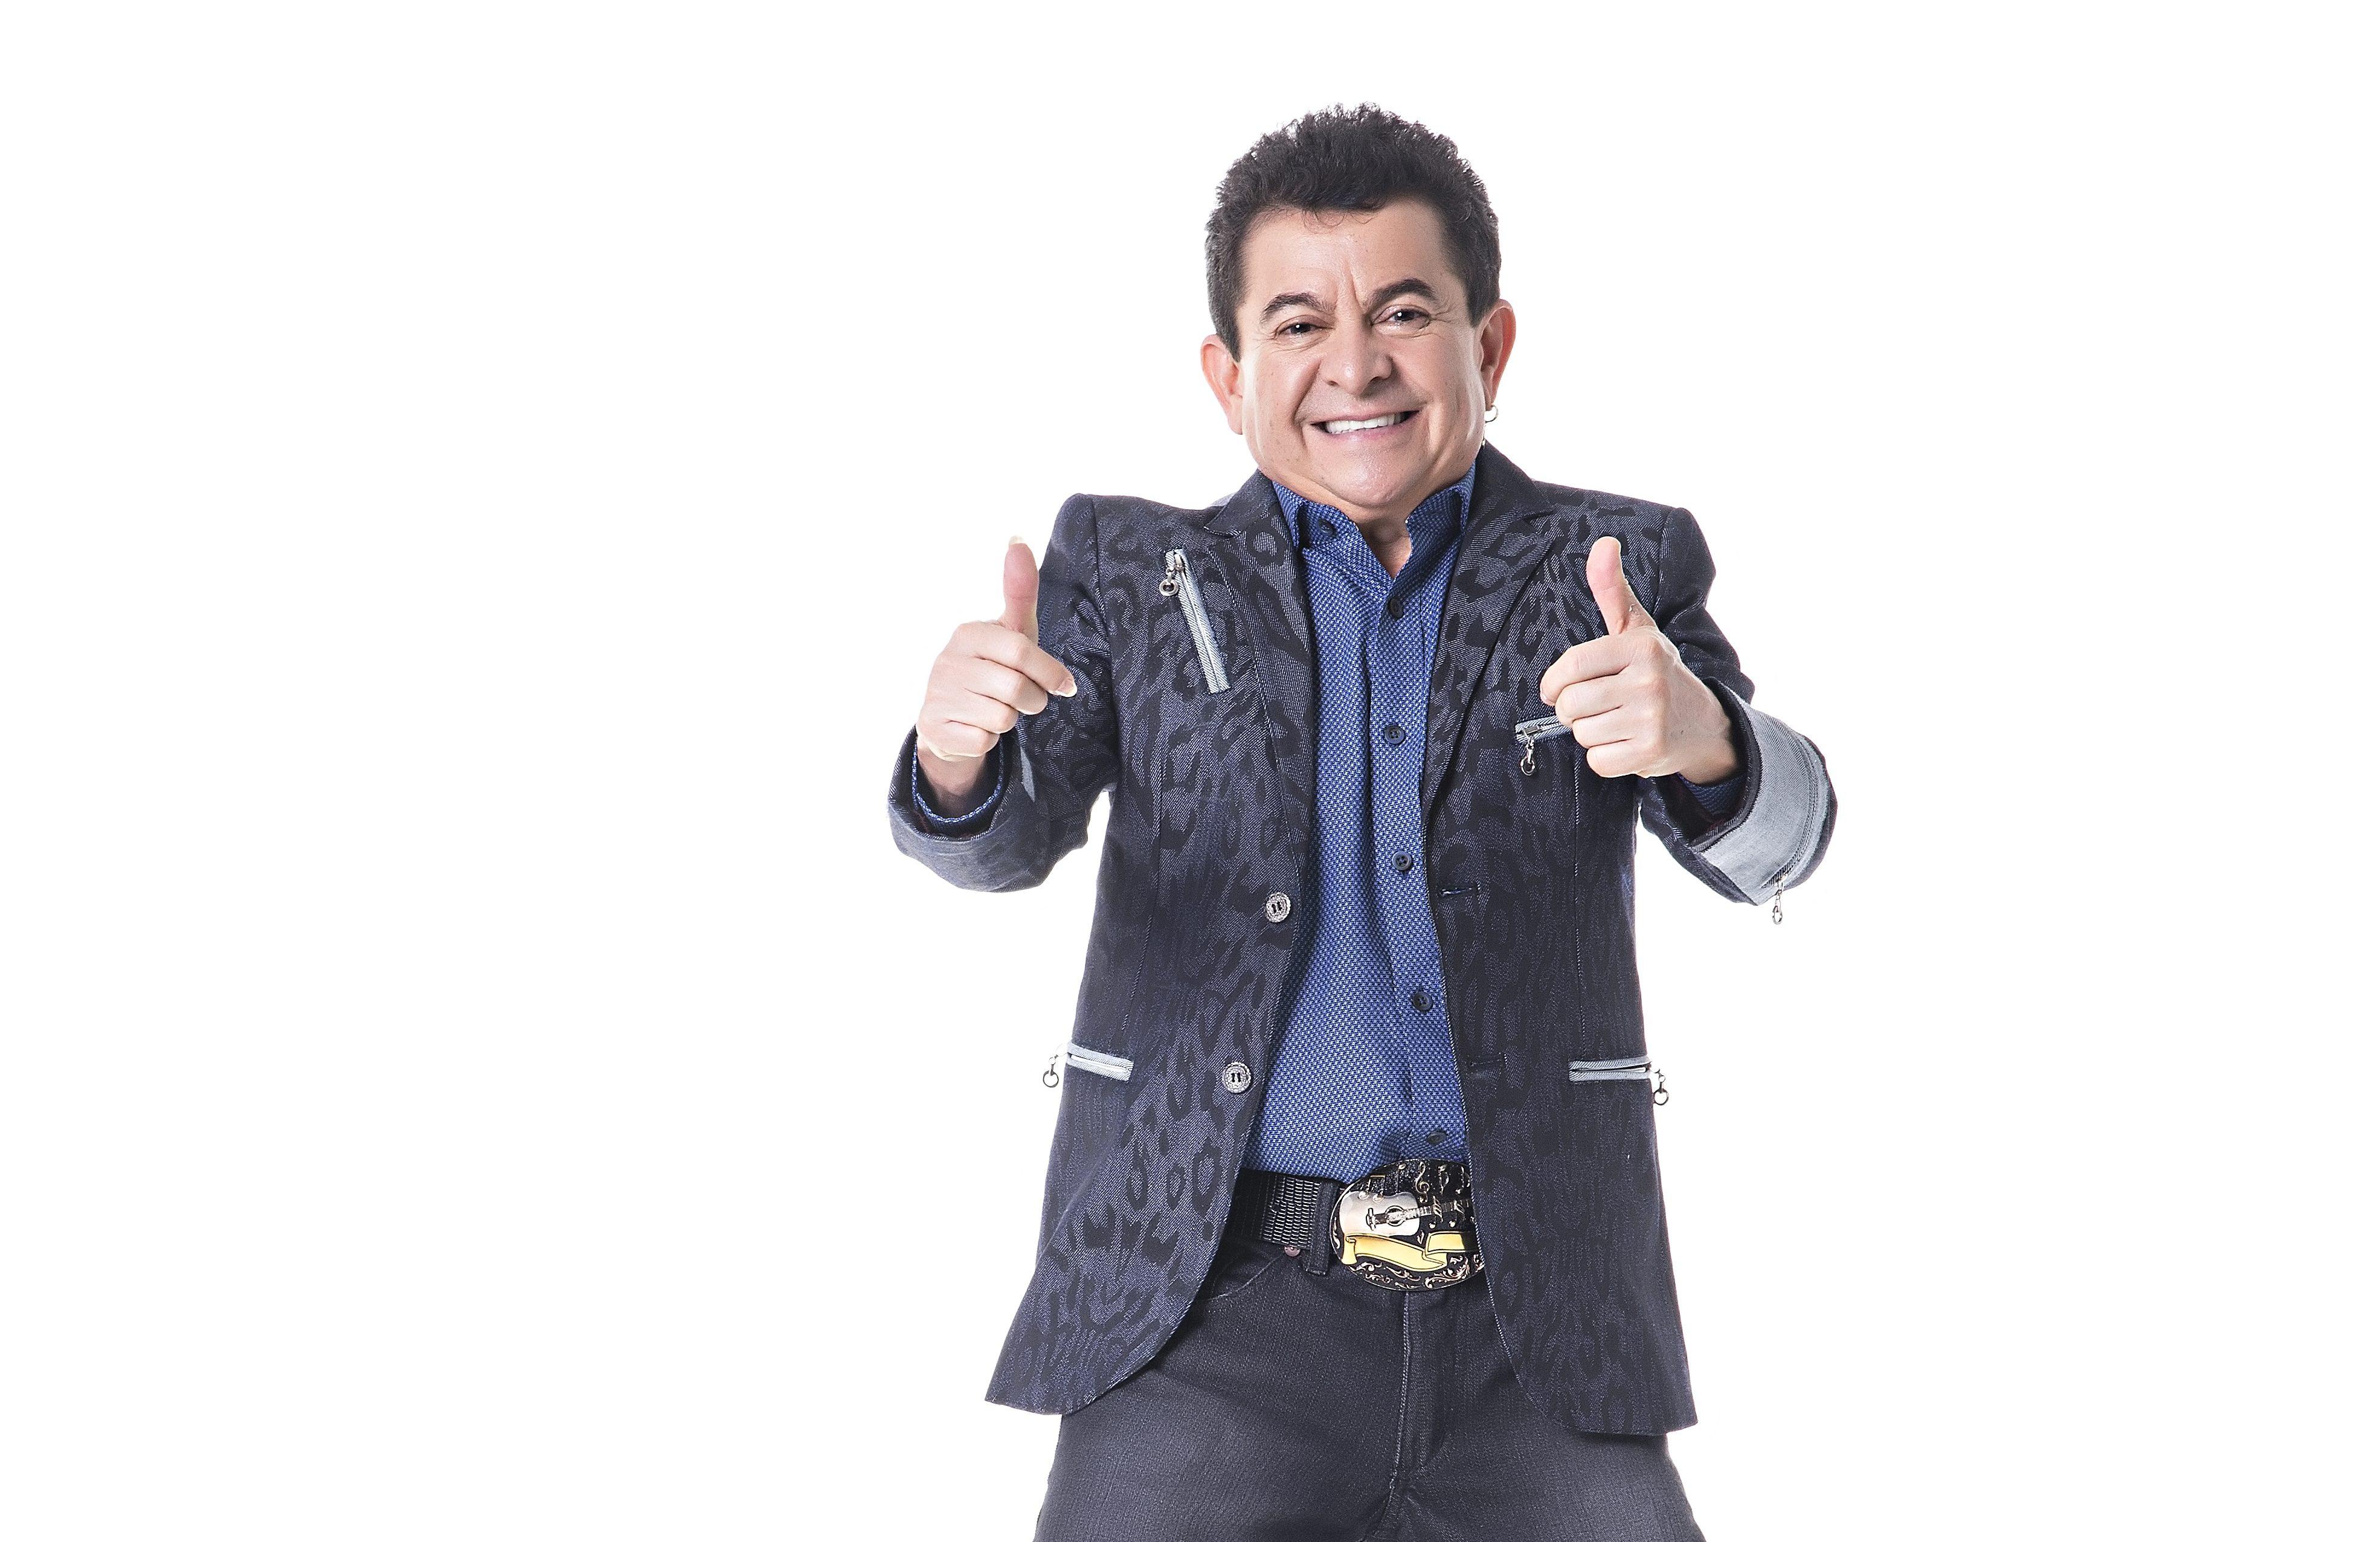 Cantor Solimões comemora aniversário no próximo domingo 41